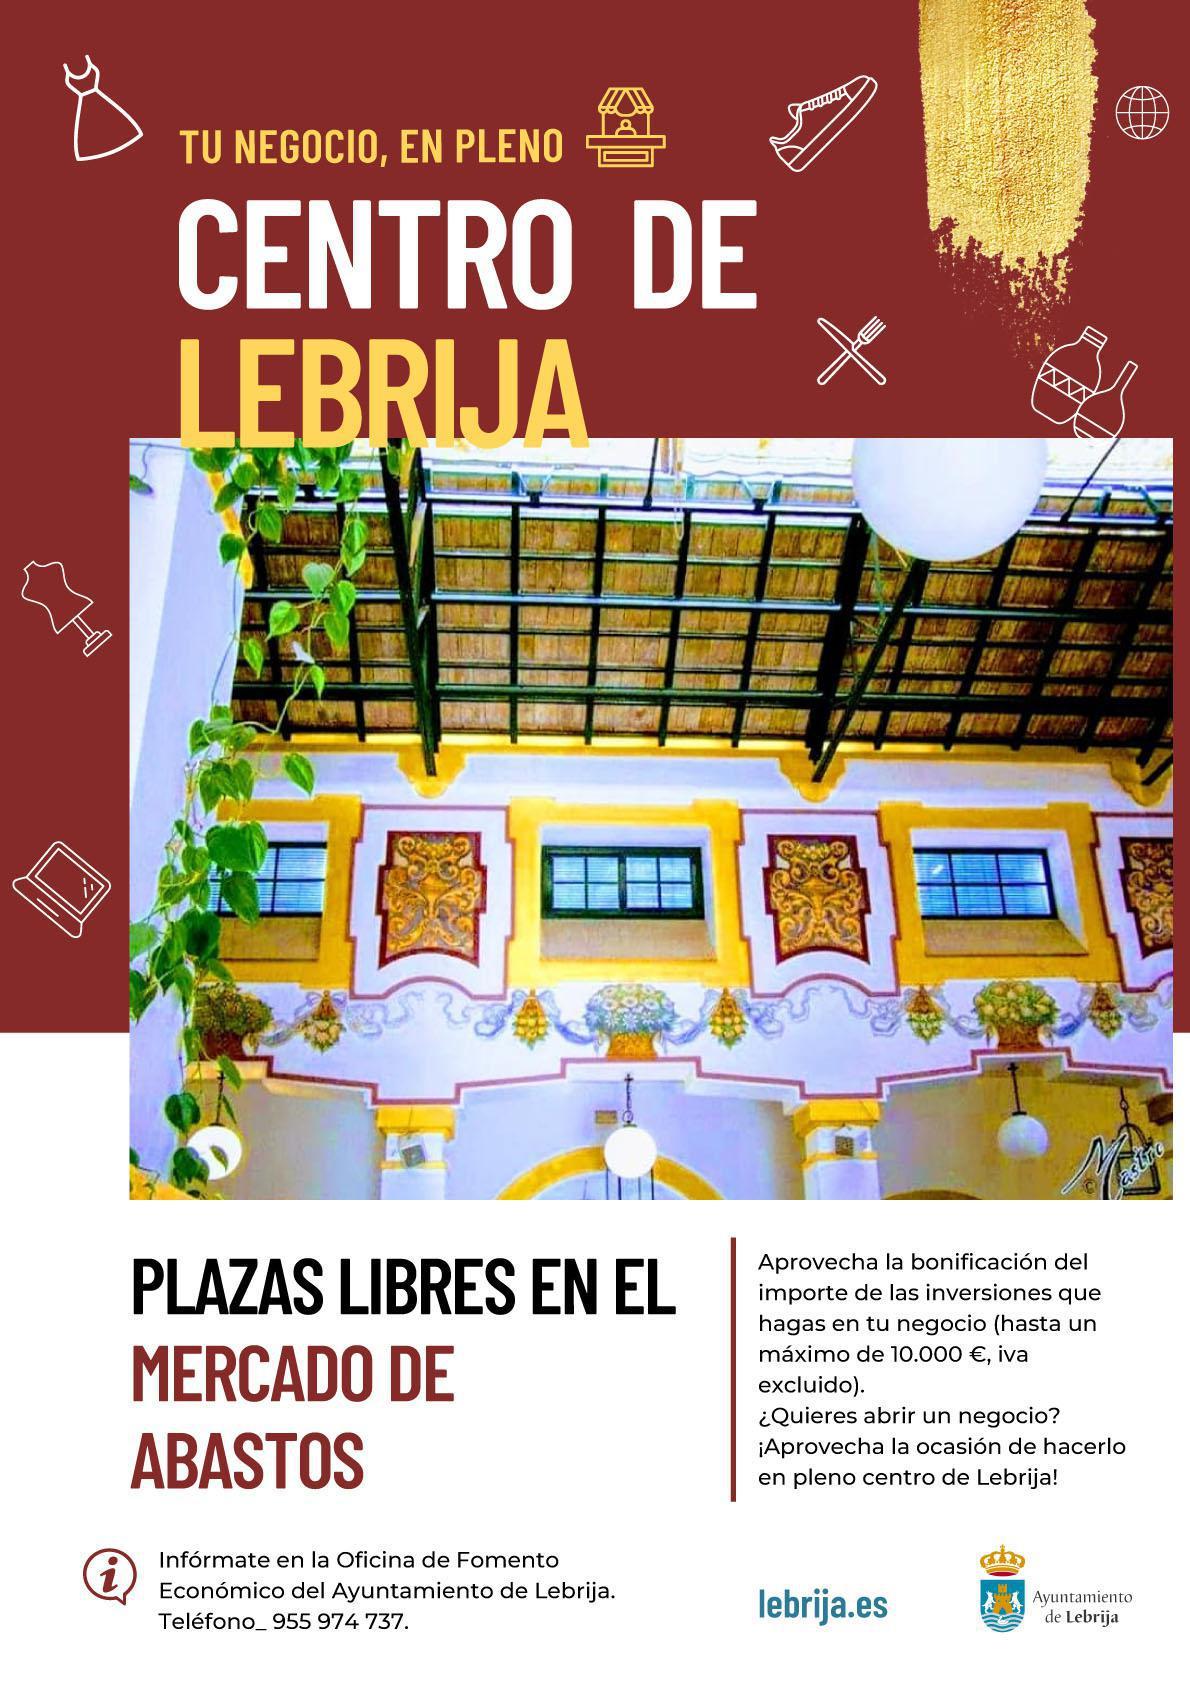 Salen a licitación 12 puestos comerciales disponibles en el Mercado Municipal de Abastos de Lebrija